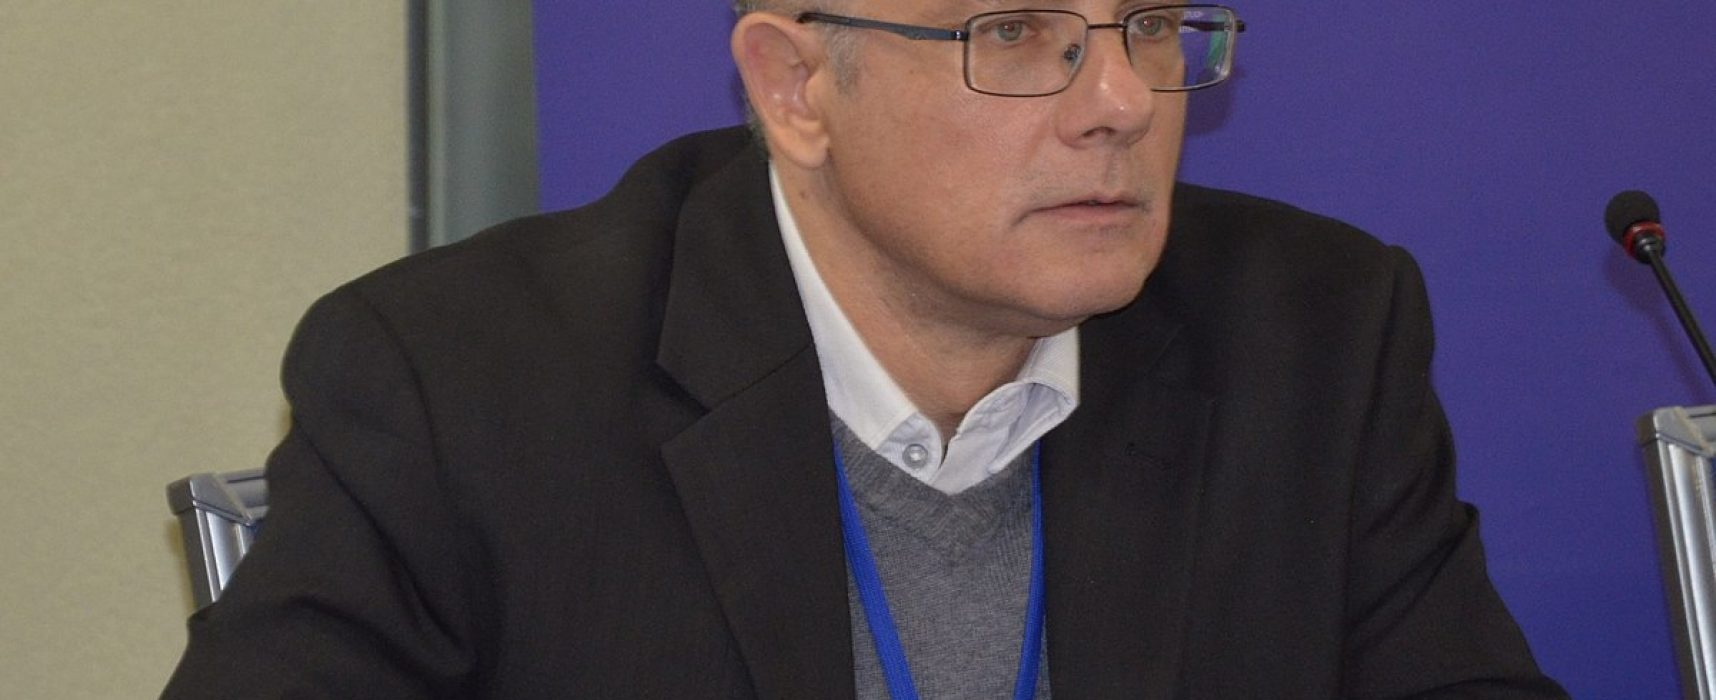 Les dossiers de Glazyev: Ce que l'ingérence de Moscou implique pour les accords de Minsk